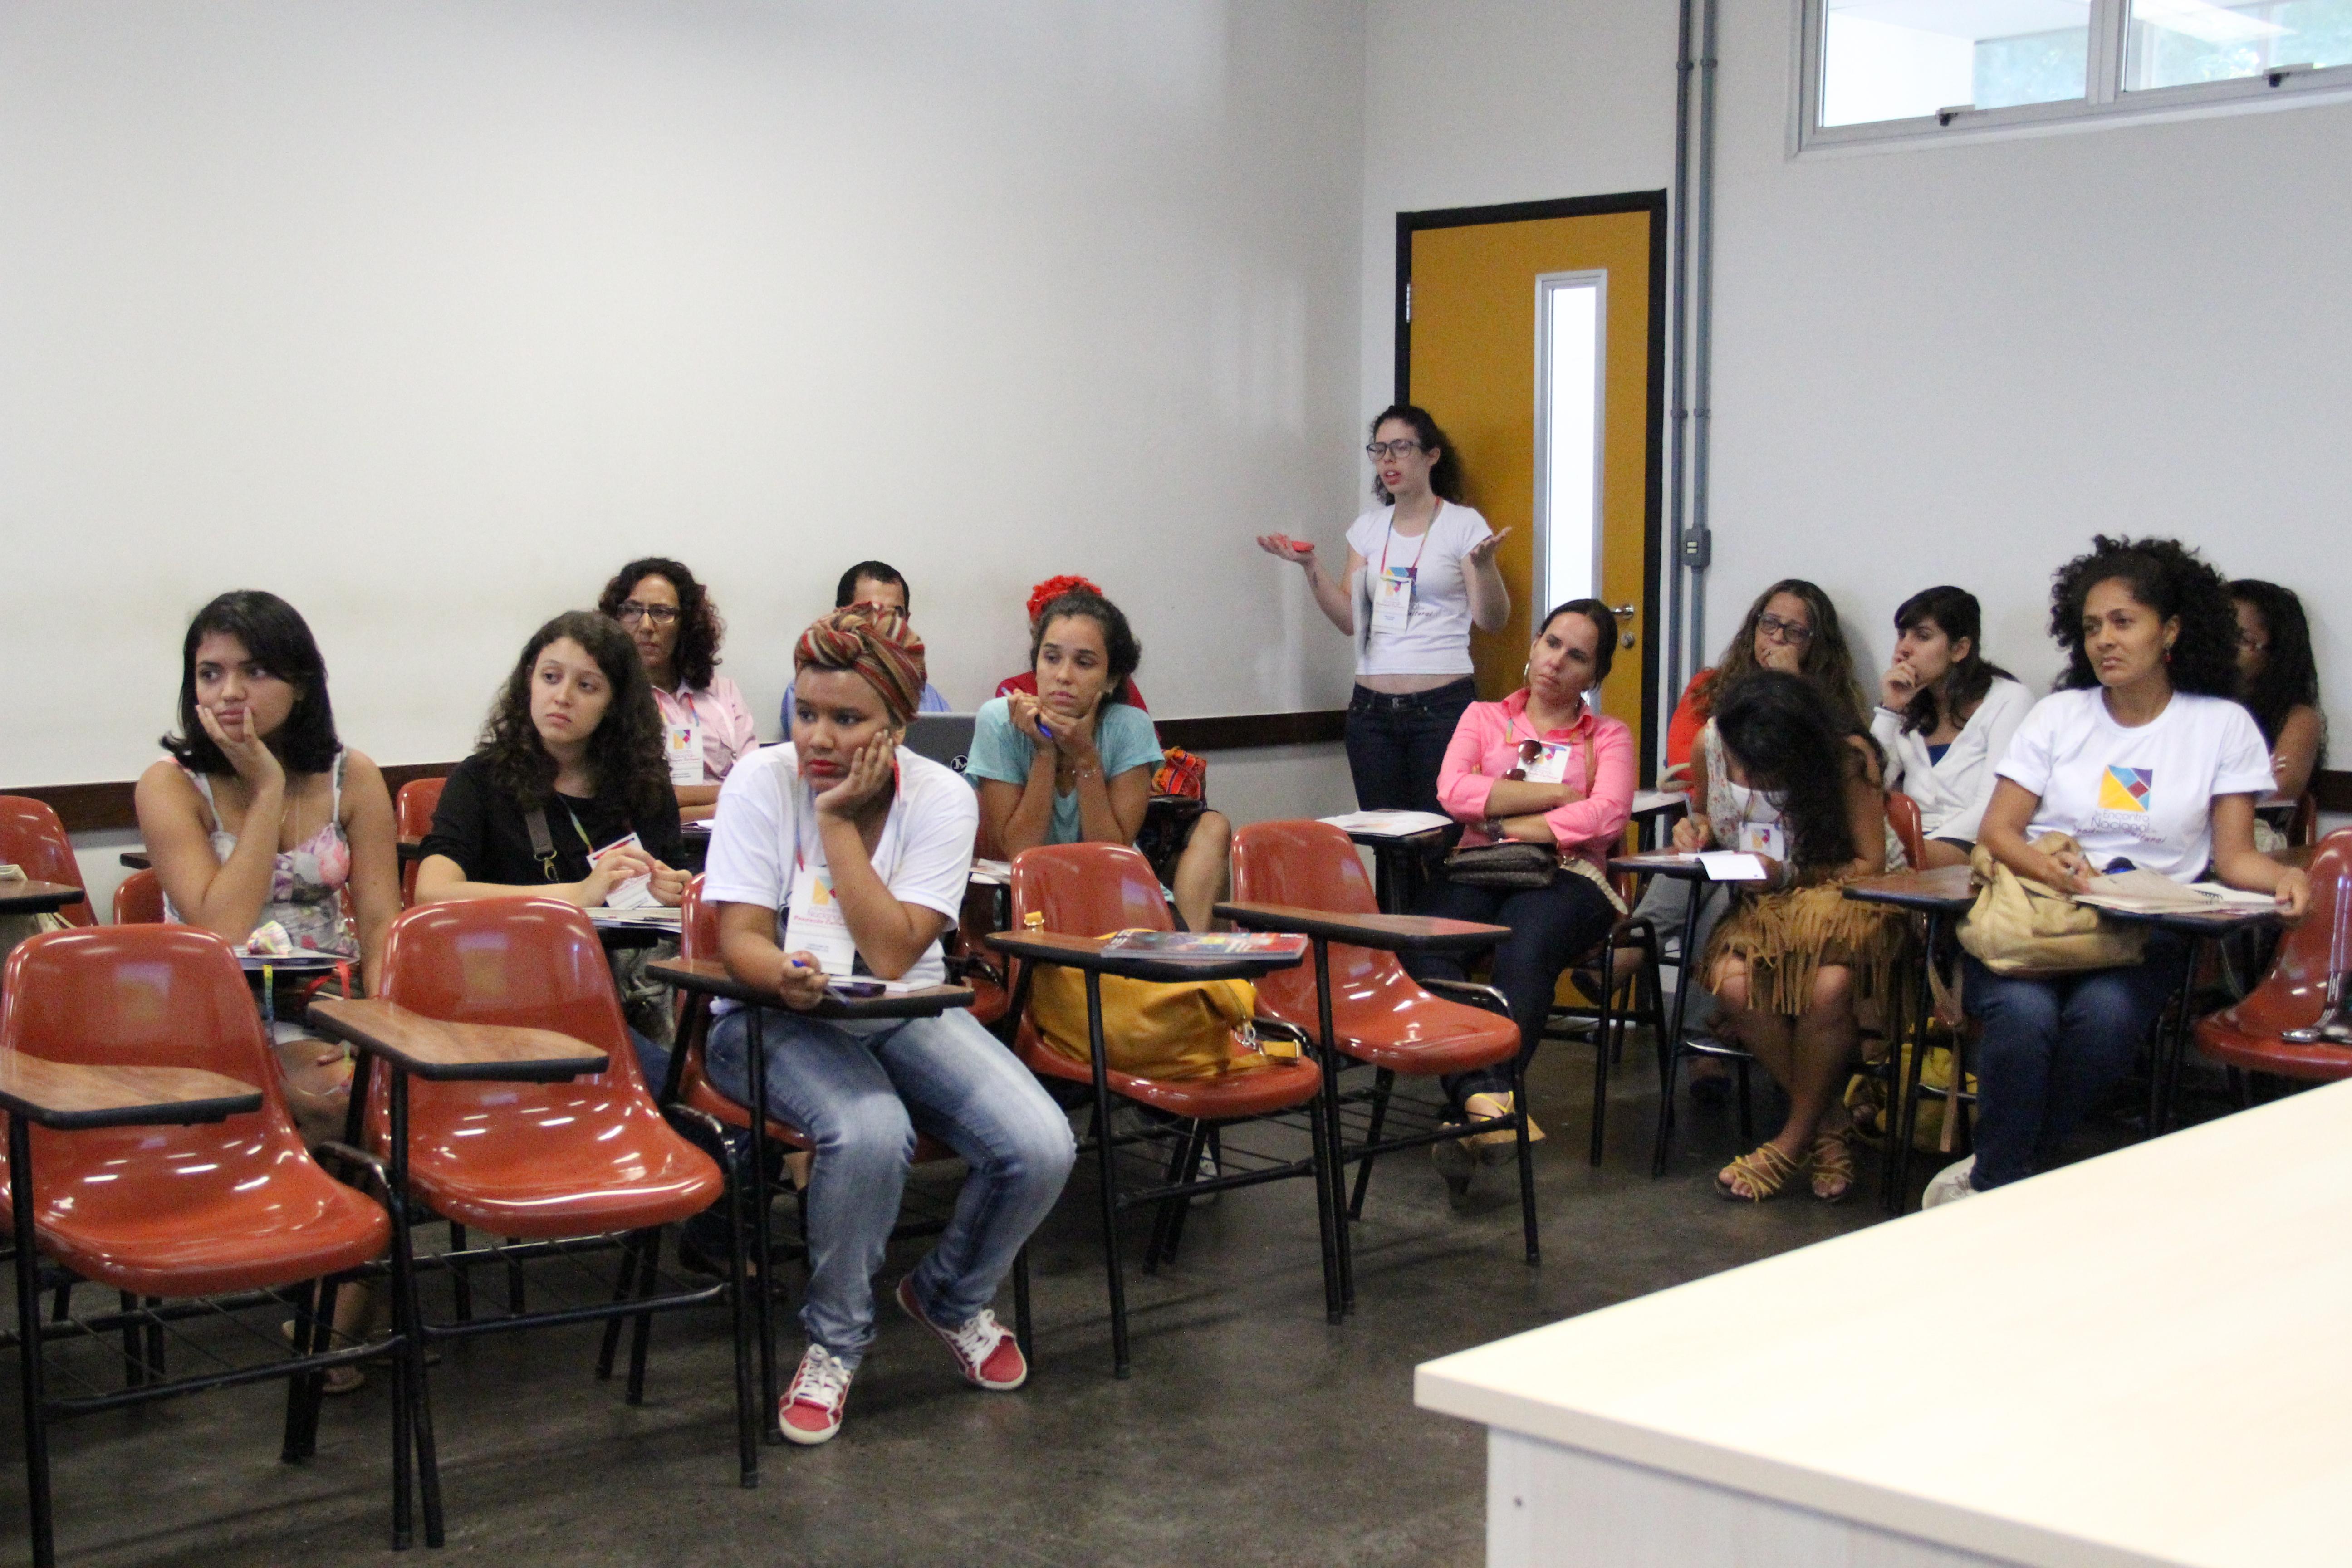 Foto: Carla Galrão